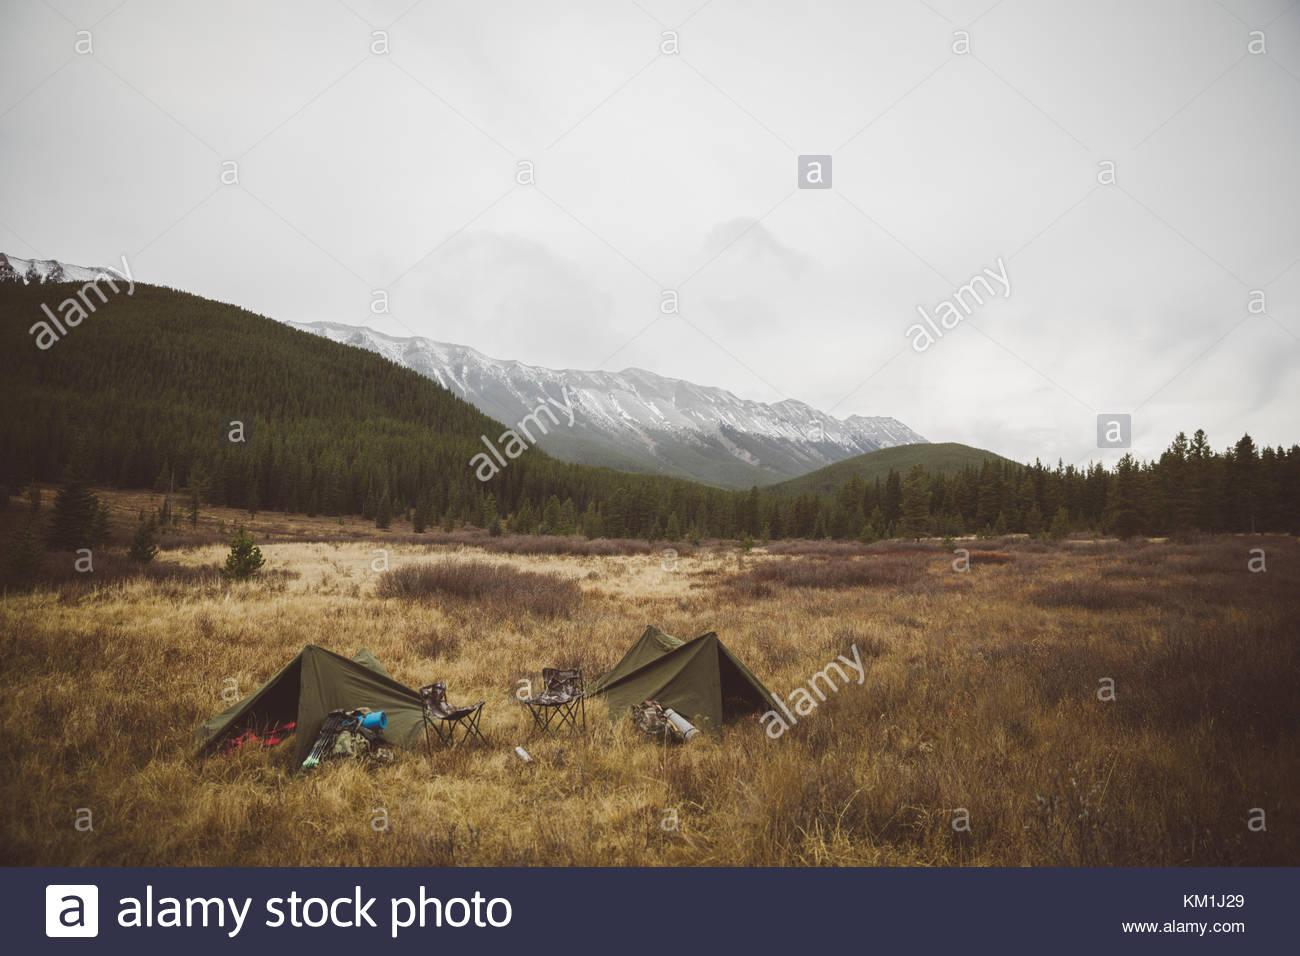 Jagd camping Zelte in abgelegenen Feld unten Bergen Stockbild